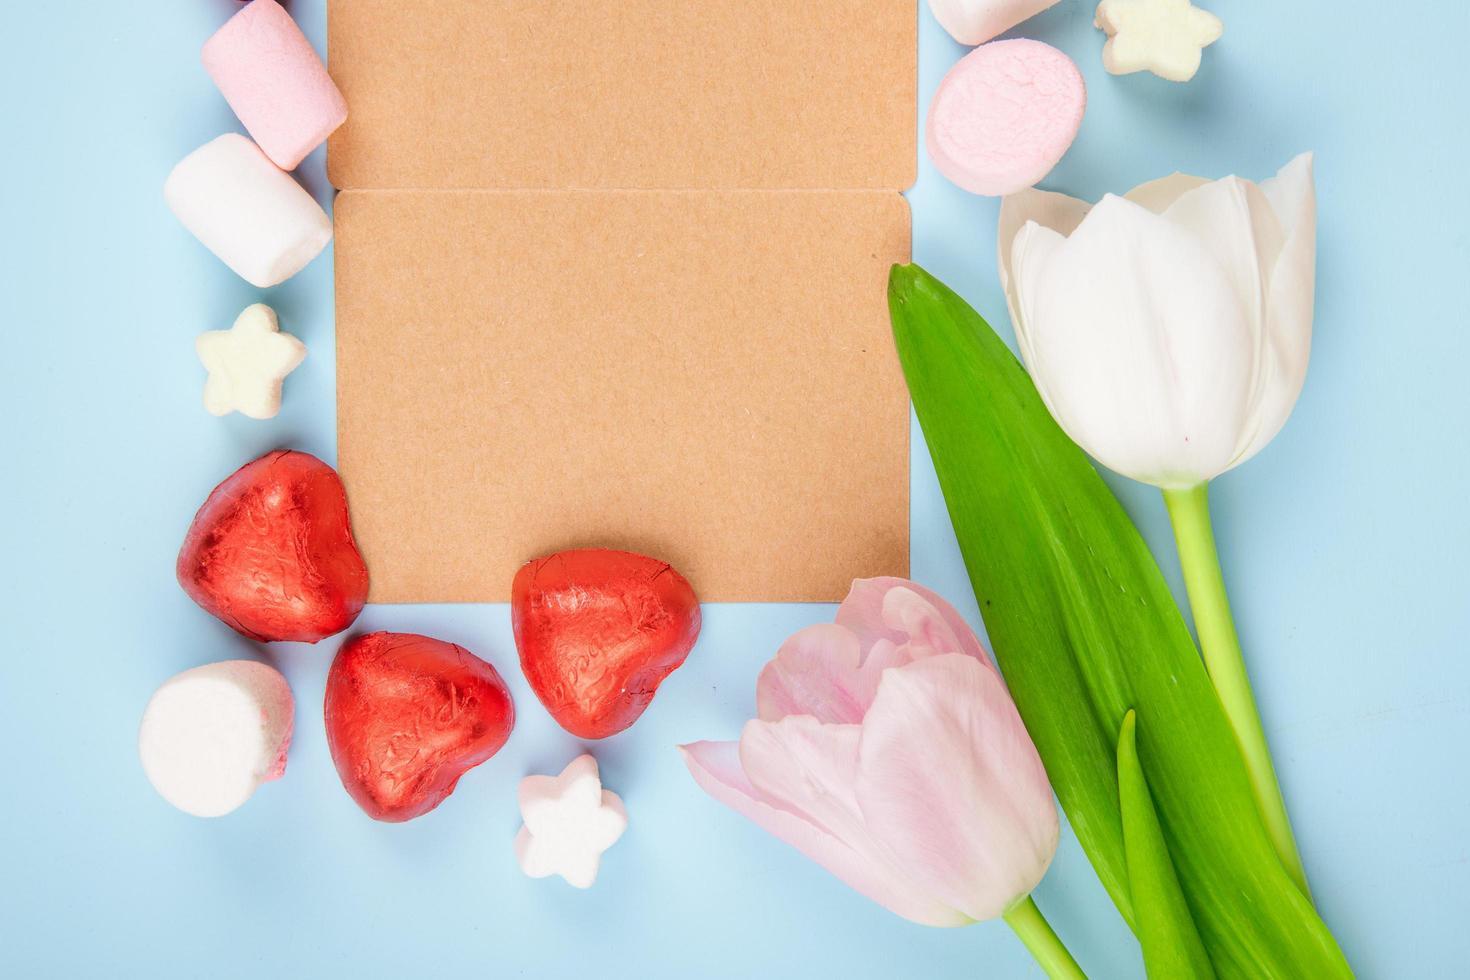 carta kraft circondata da decorazioni di San Valentino foto